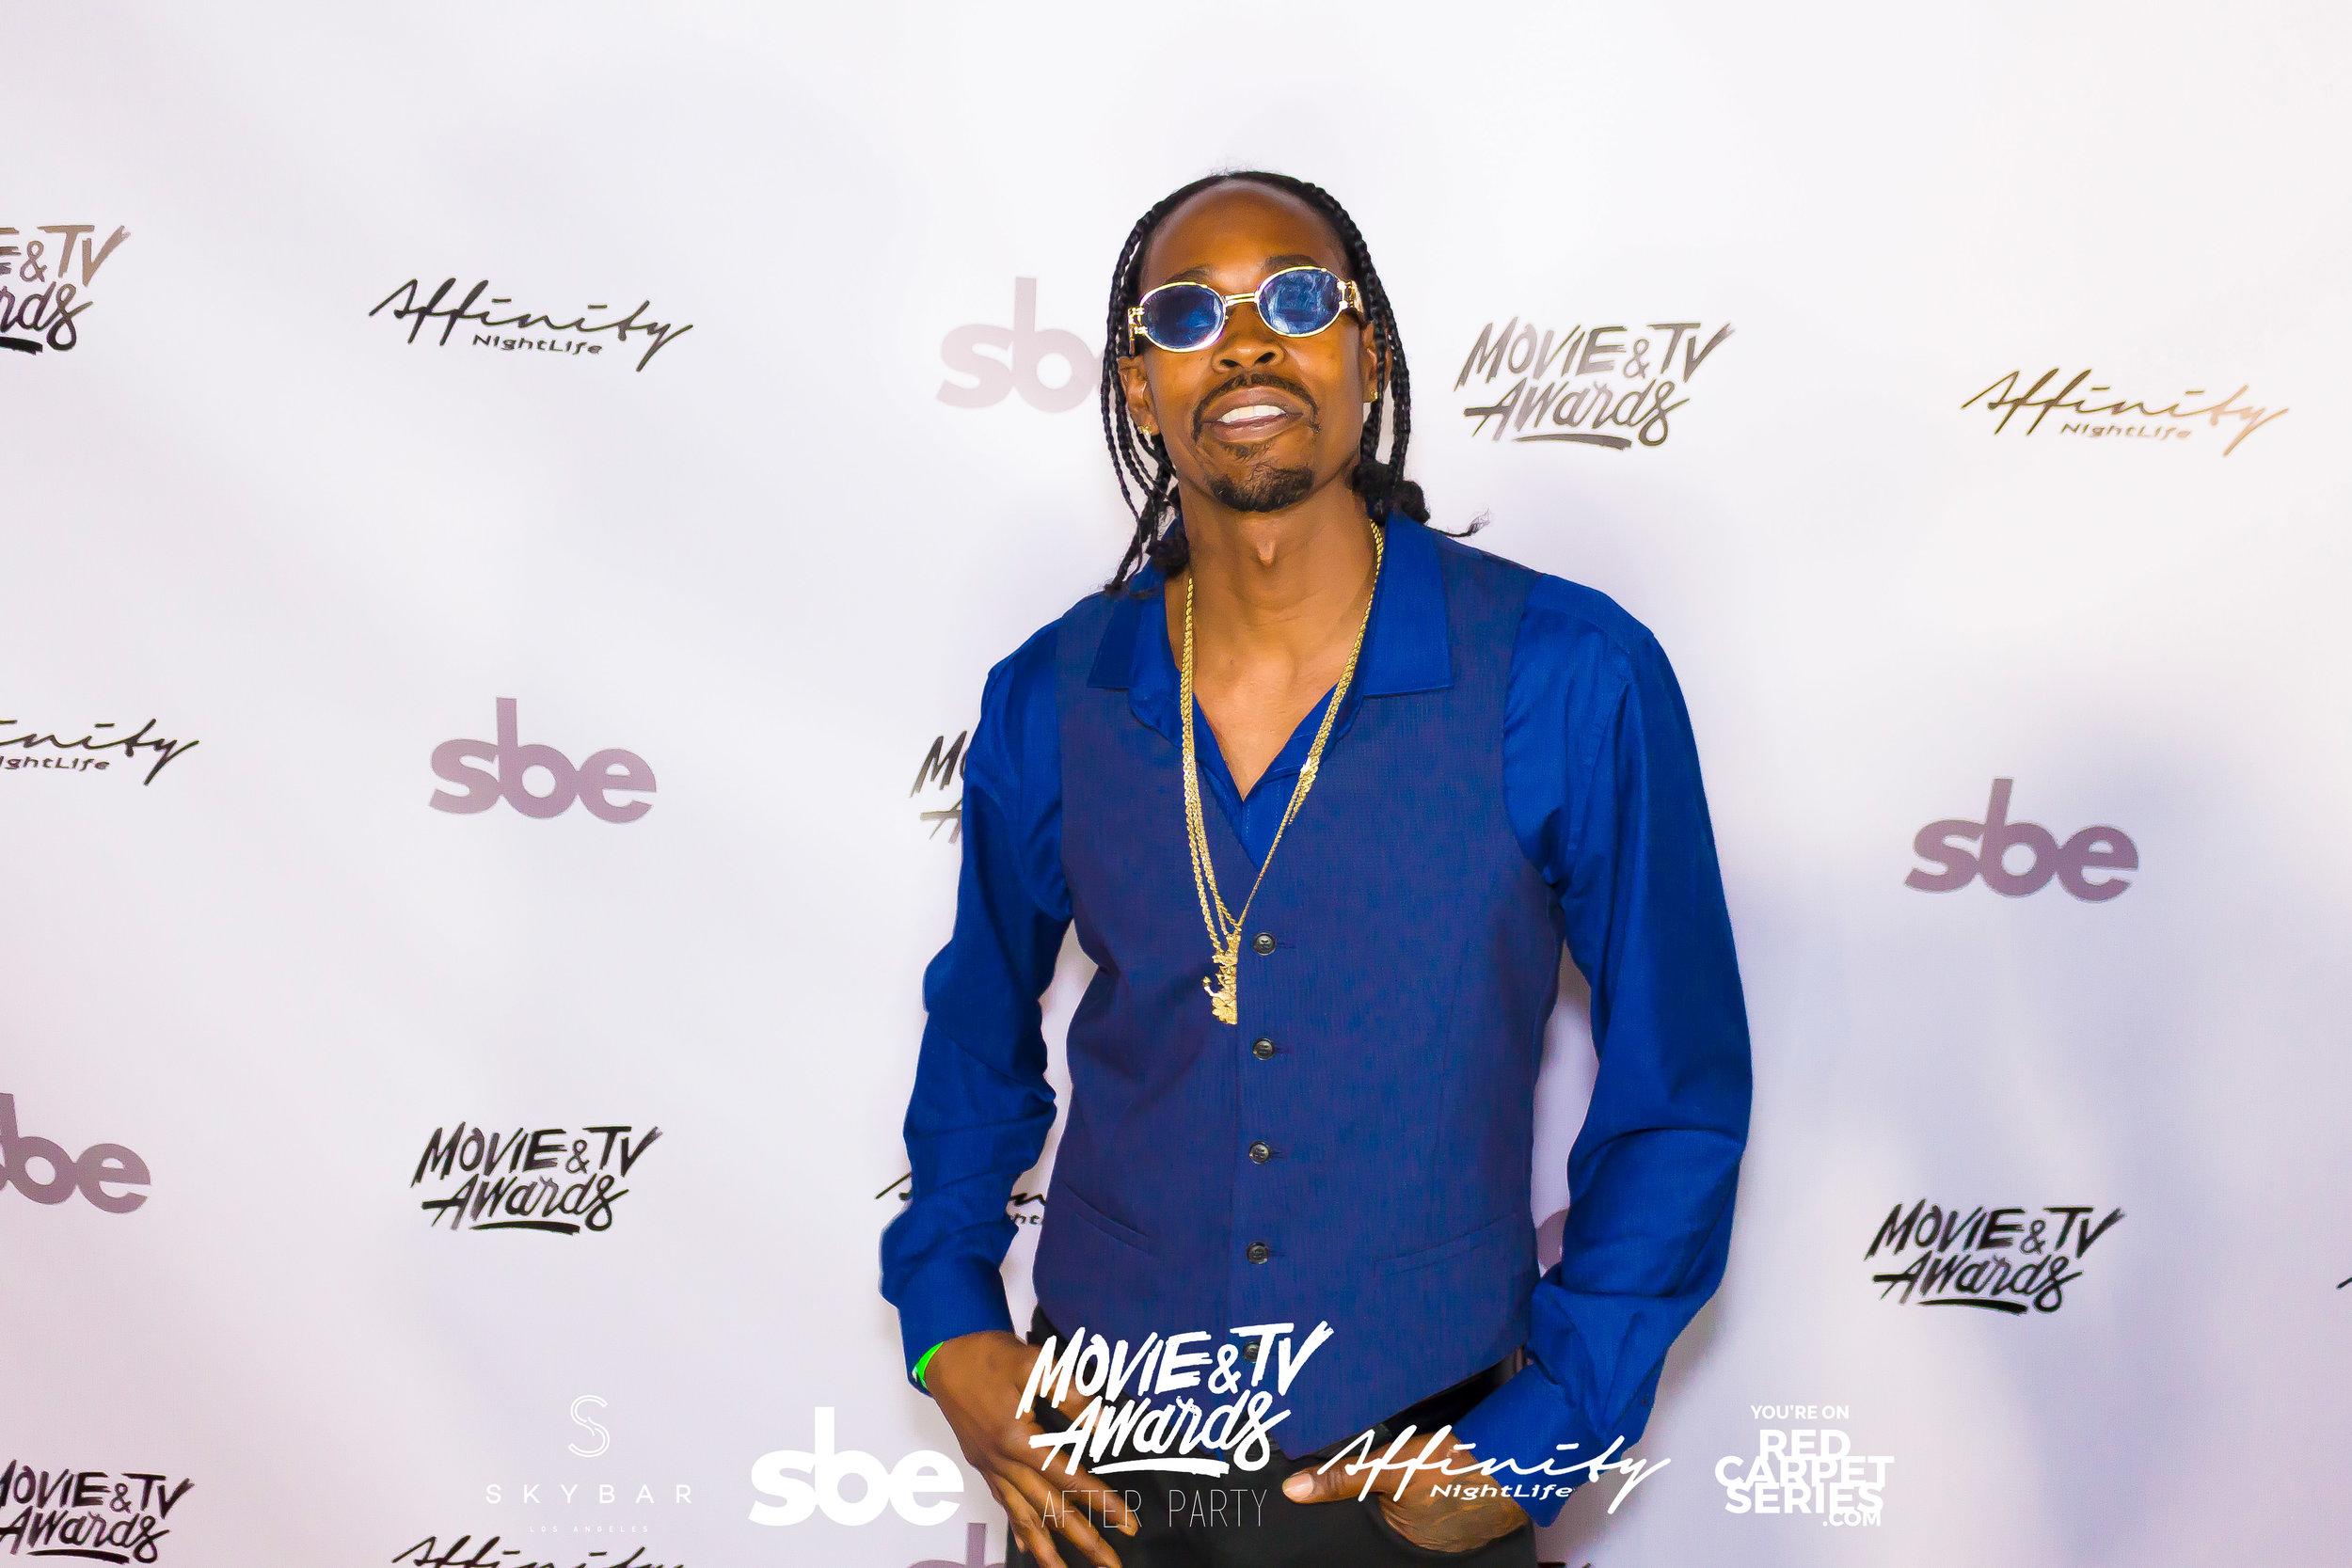 Affinity Nightlife MTV Movie & TV Awards After Party - Skybar at Mondrian - 06-15-19 - Vol. 1_108.jpg